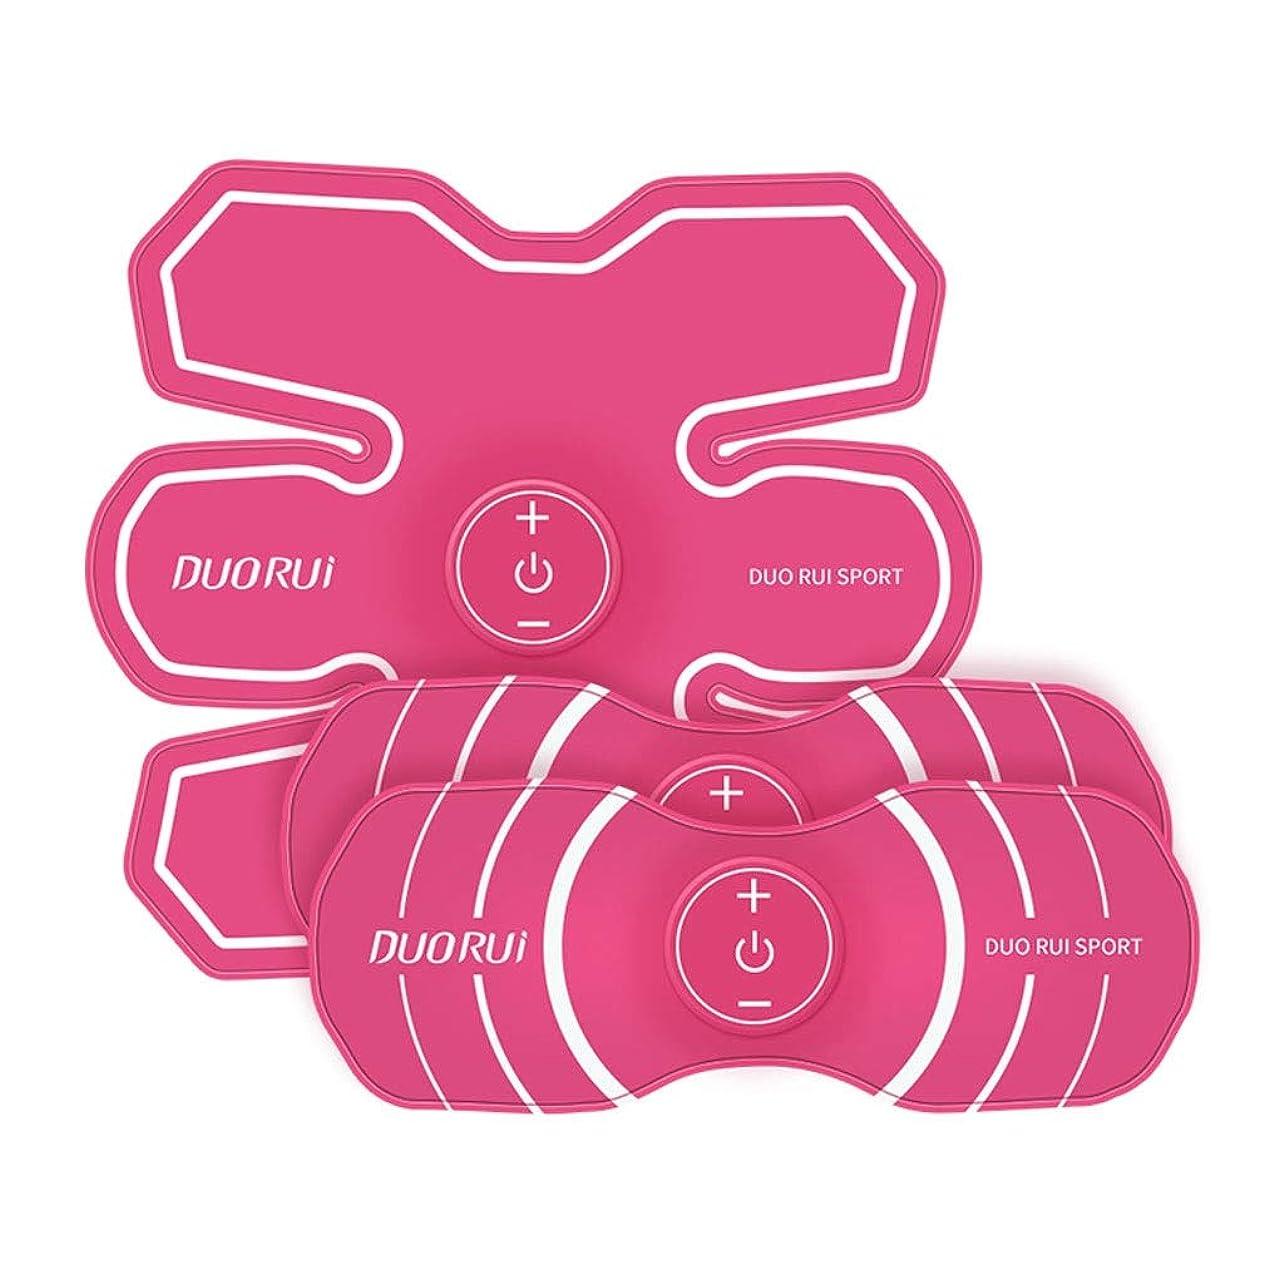 丈夫囚人黒板EMSバウムスケルトレーナー、エレクトリックマスケルスティミュレーション、EMSトレーニングMuskelaufbauとFettverbrennungn Massage-ger?t、Elektrostimulation Home Fitness Machine (Color : Pink, Size : A)